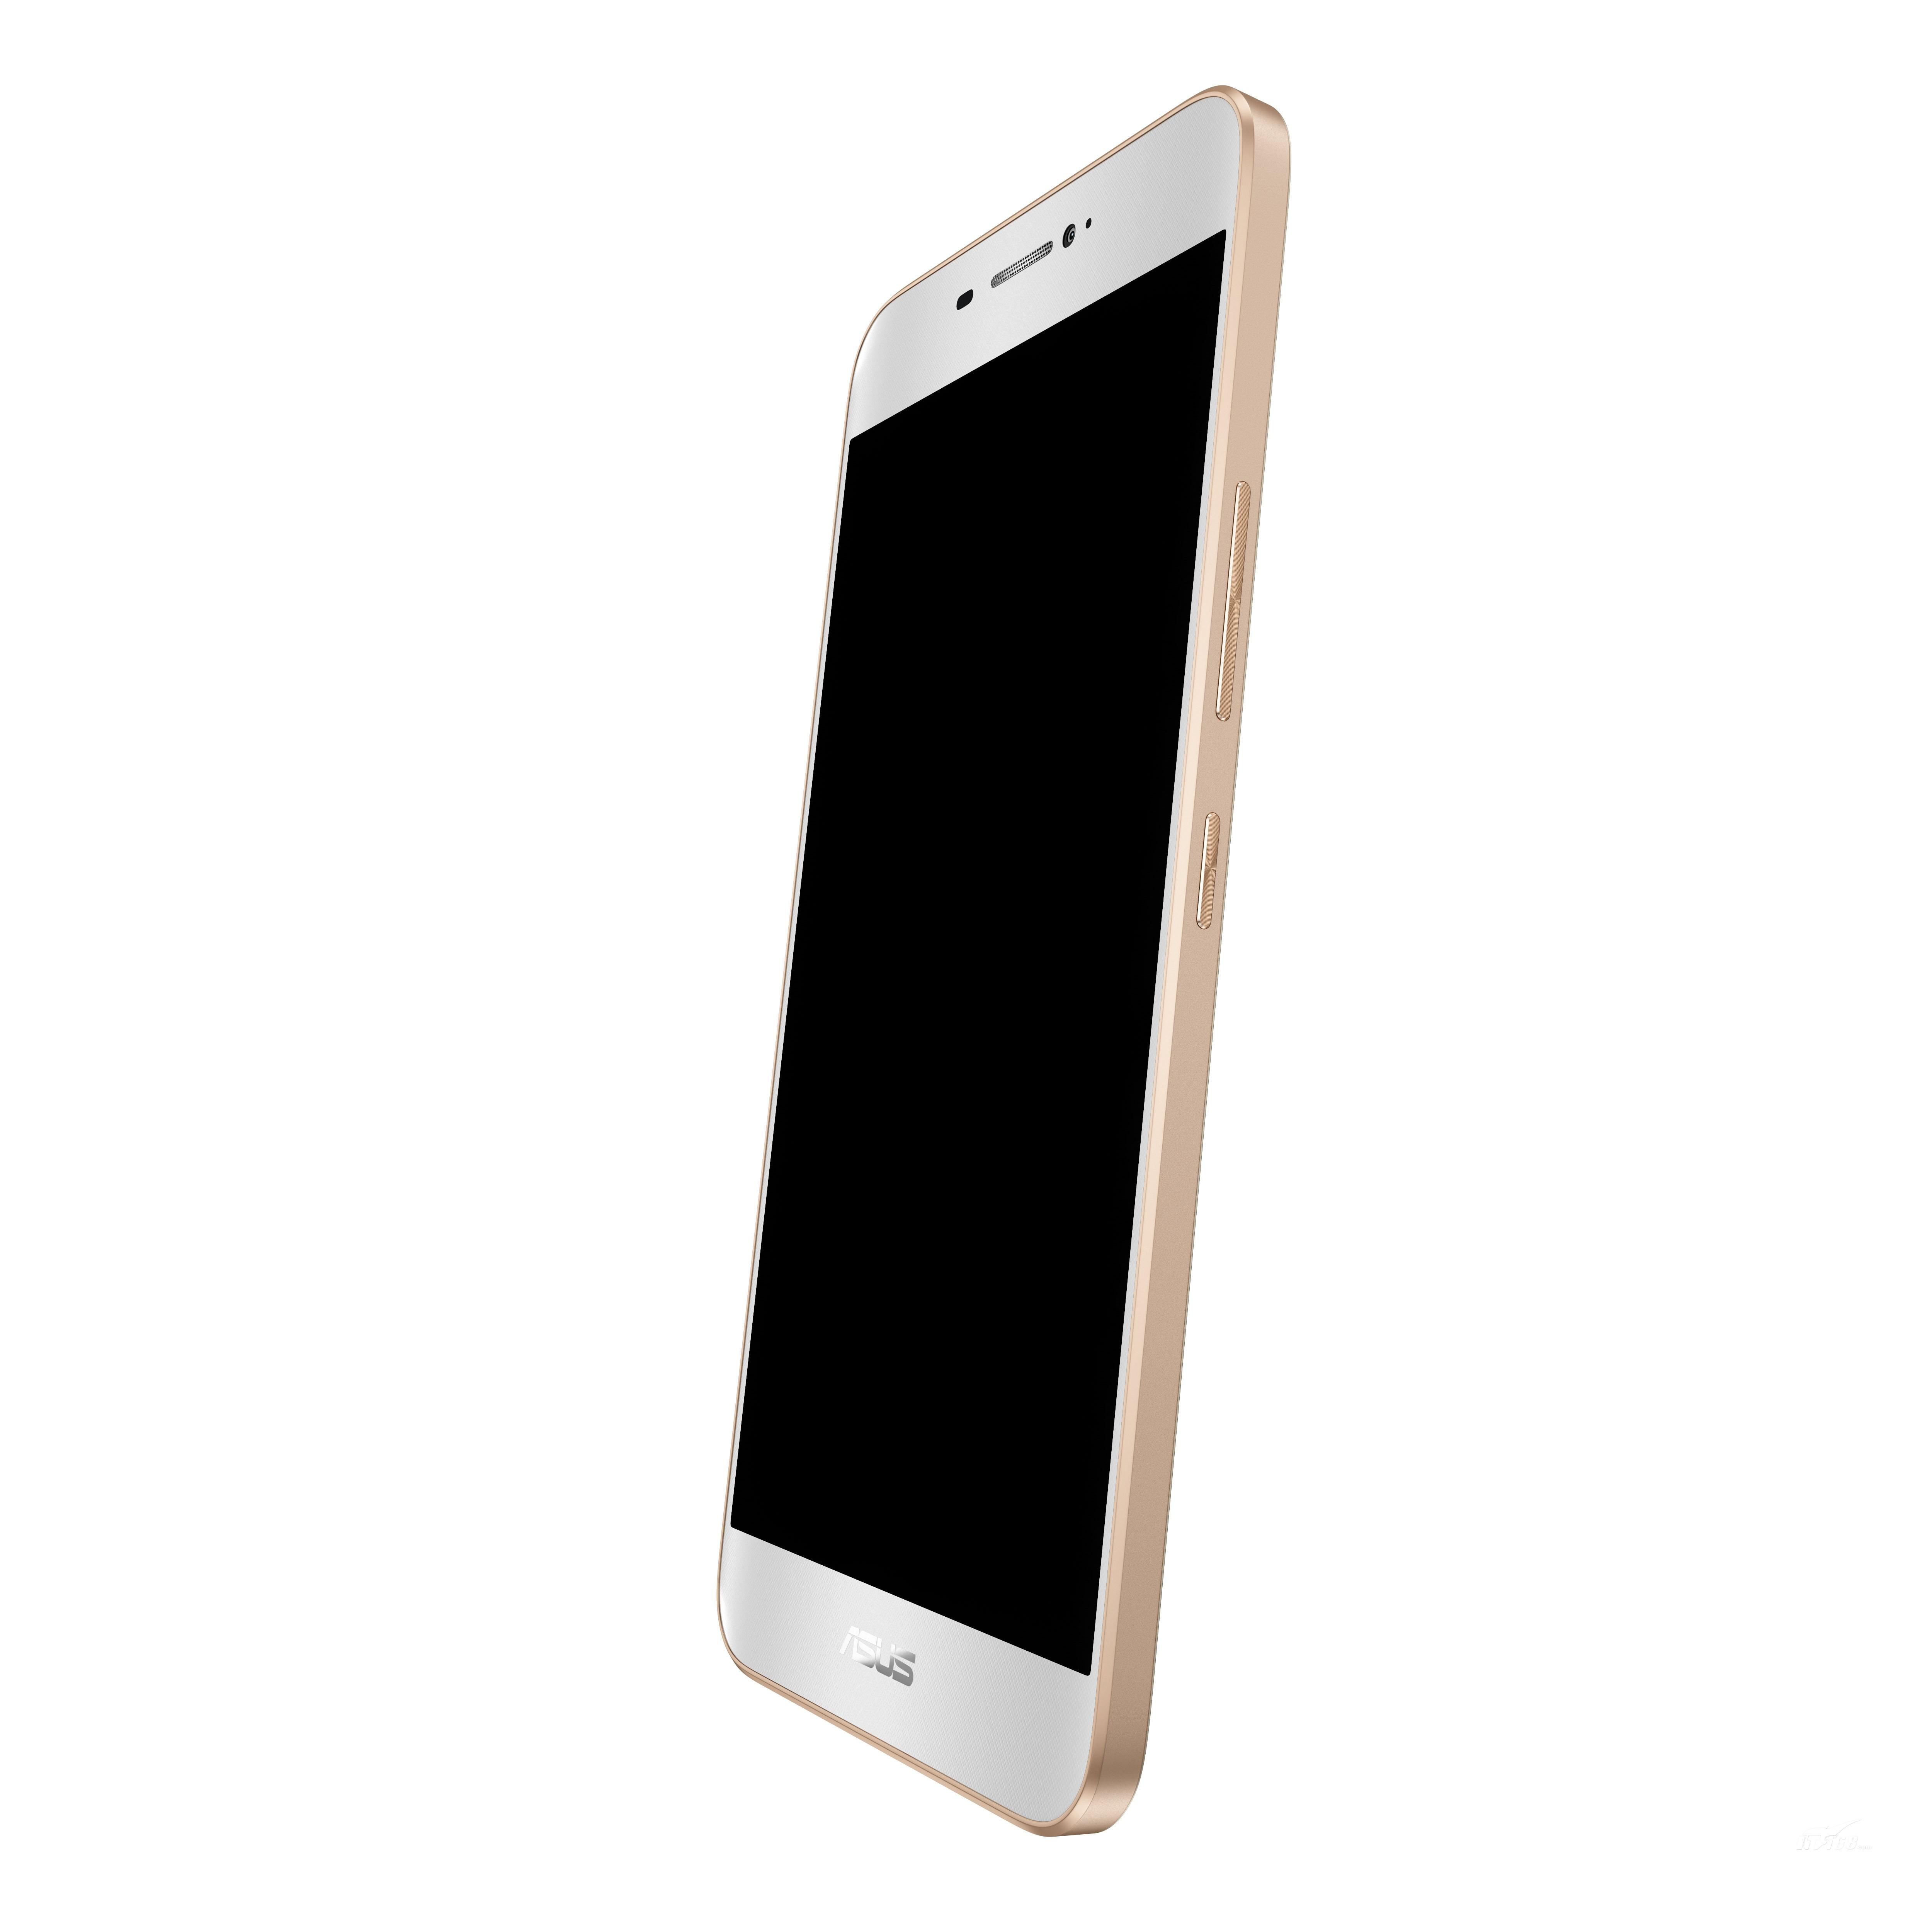 华硕飞马5000 白色手机产品图片6素材-it168手机图片